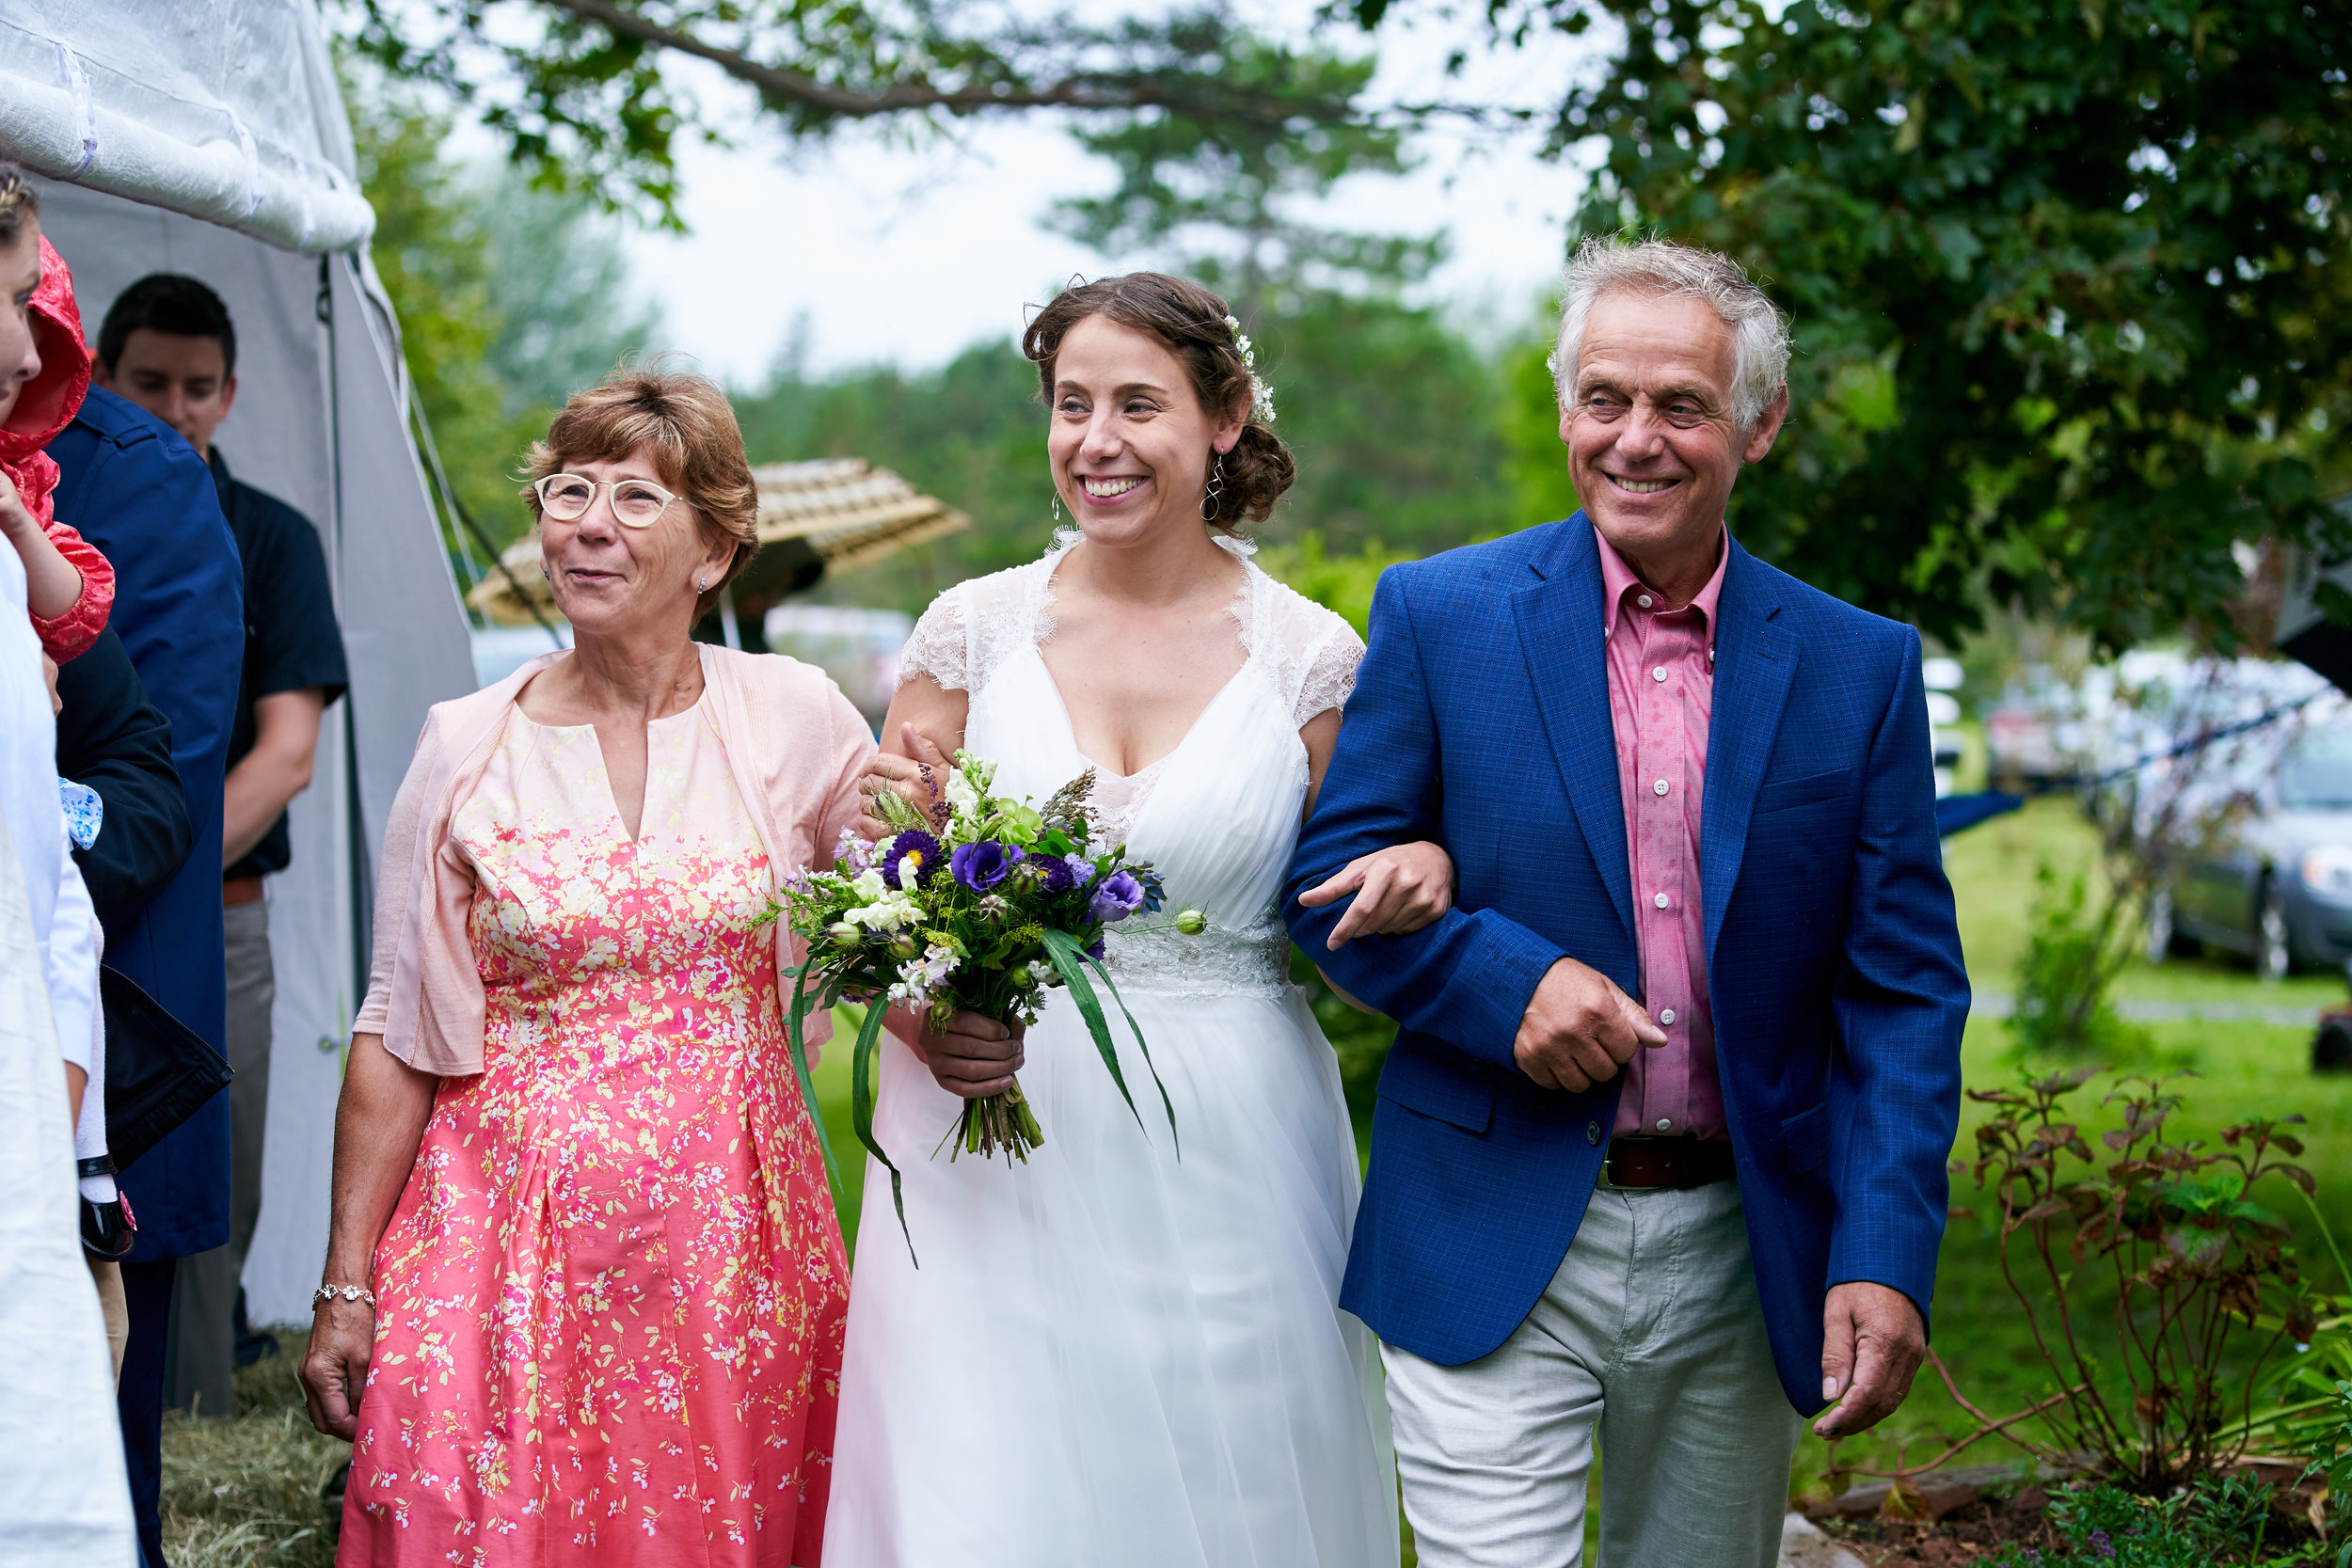 Amy-Lee & James' Wedding 283.jpg